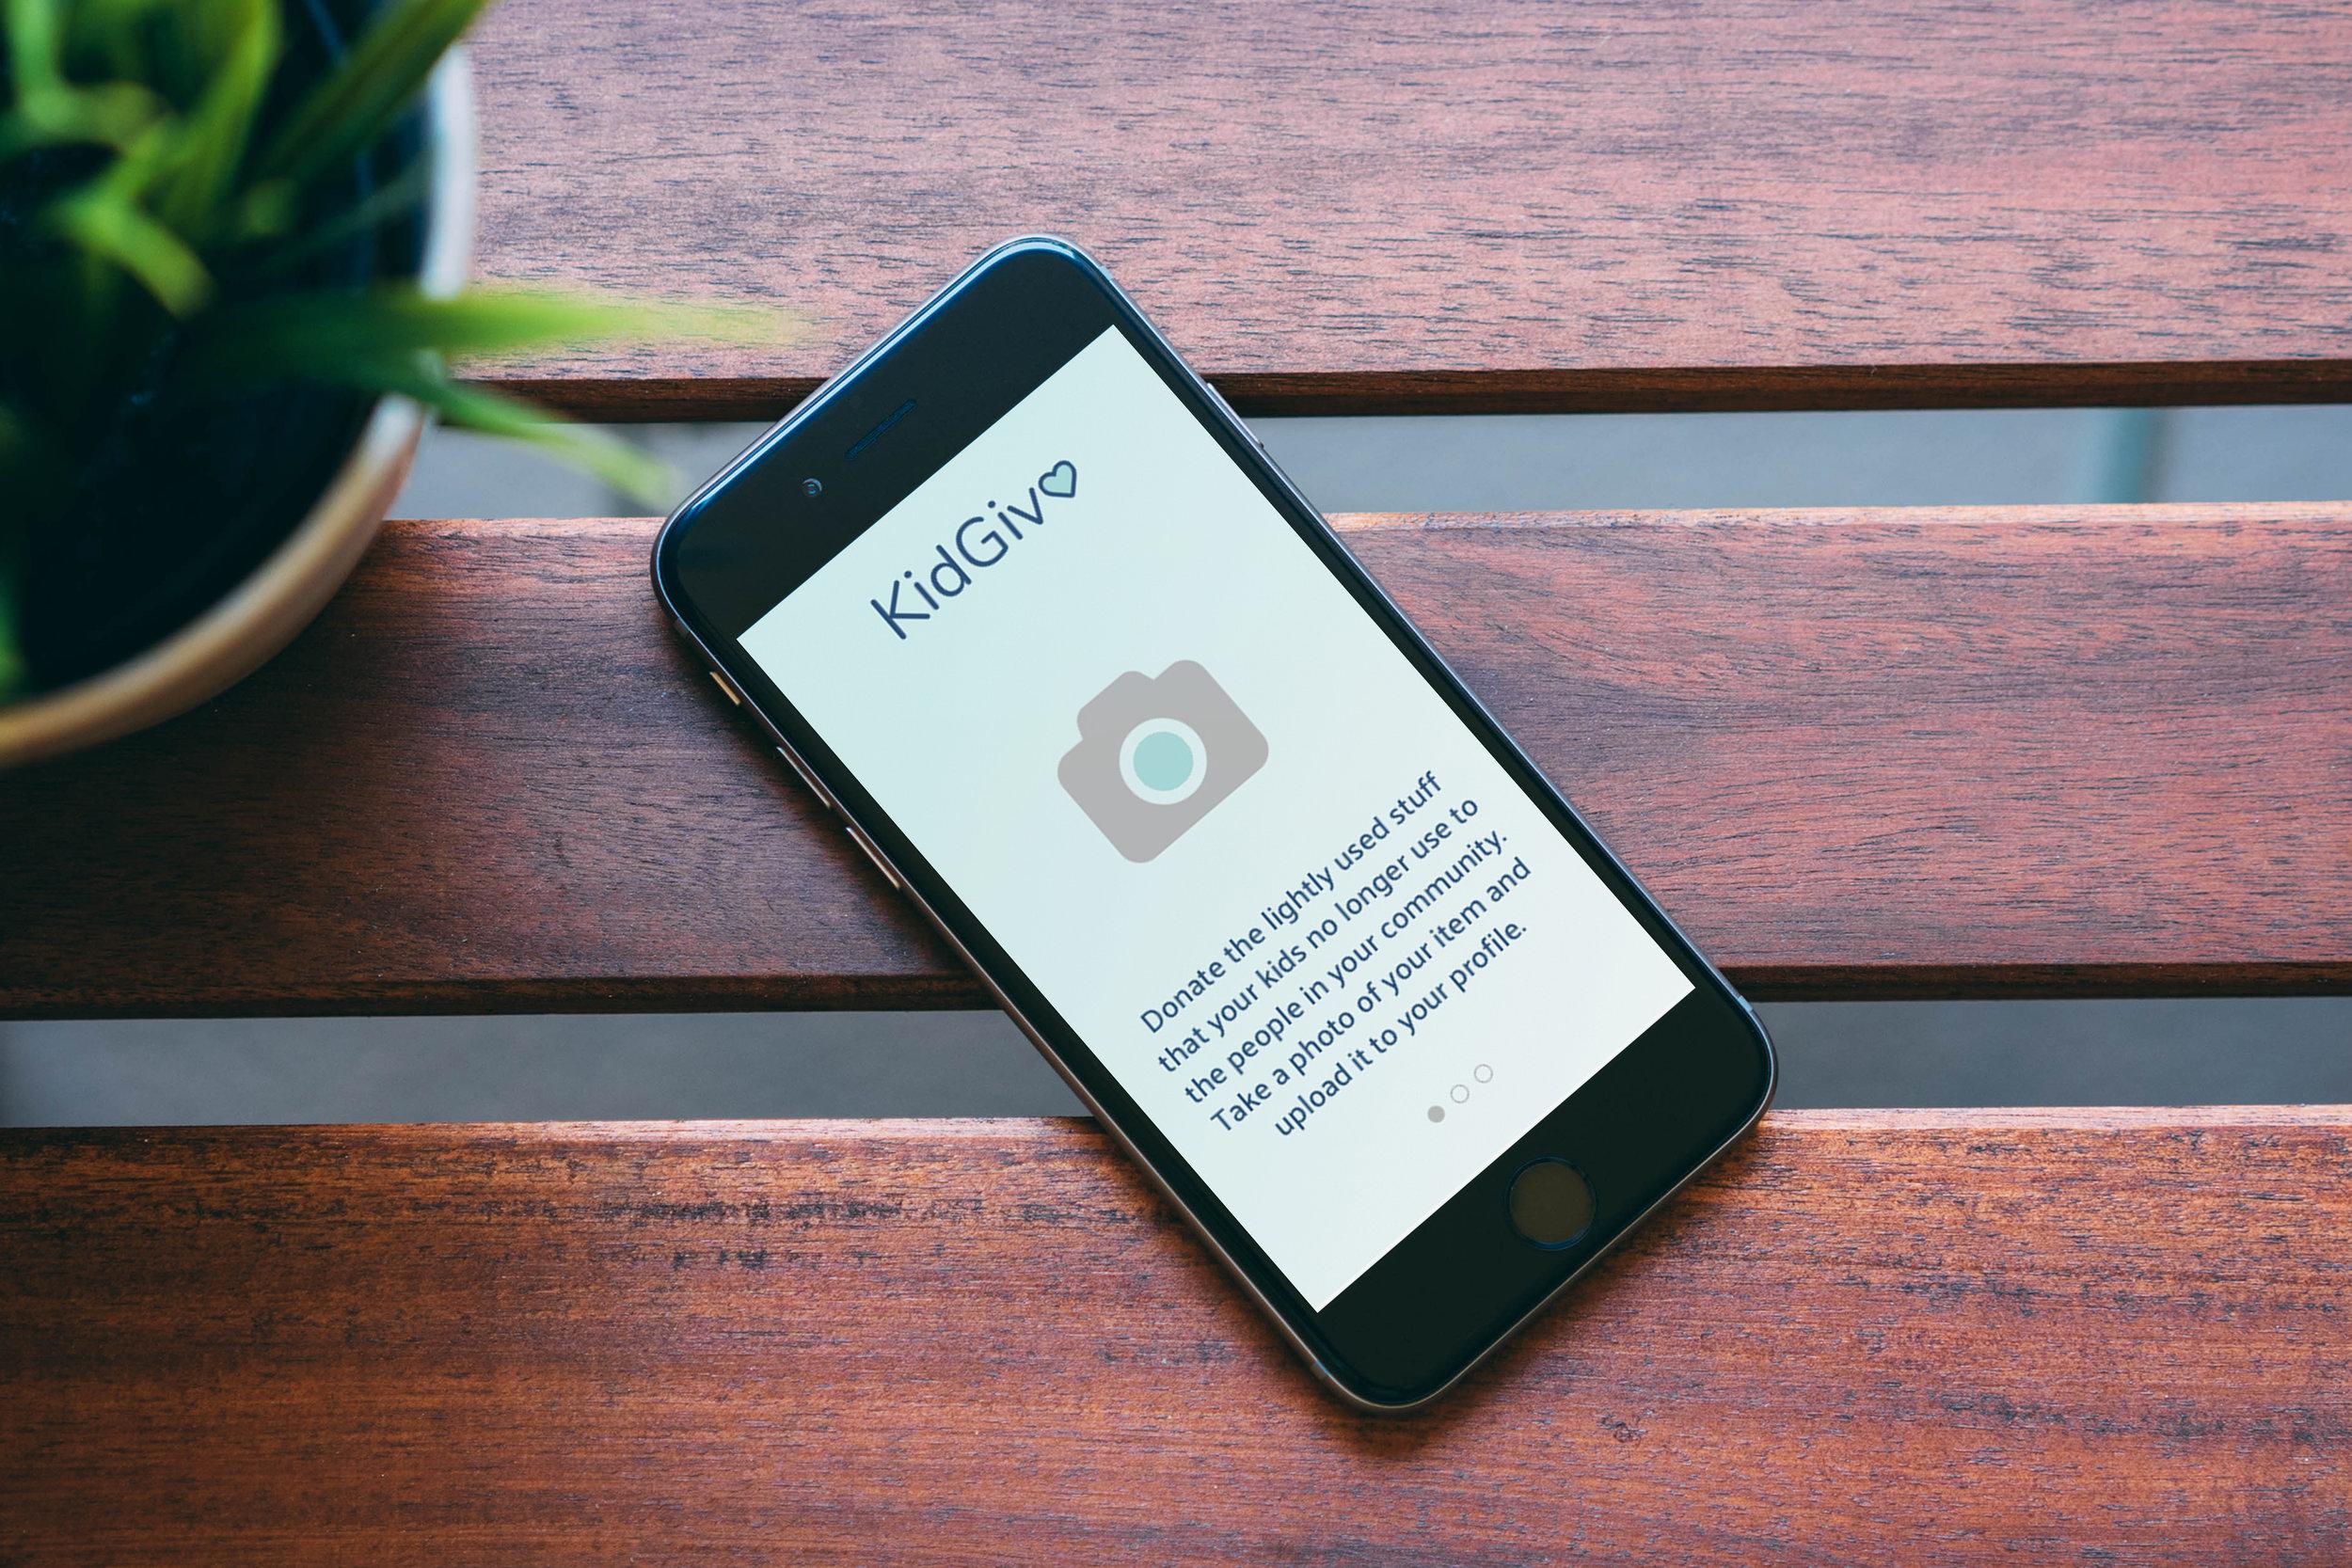 mockup-2-wood-welcomescreen-1440x800.jpg